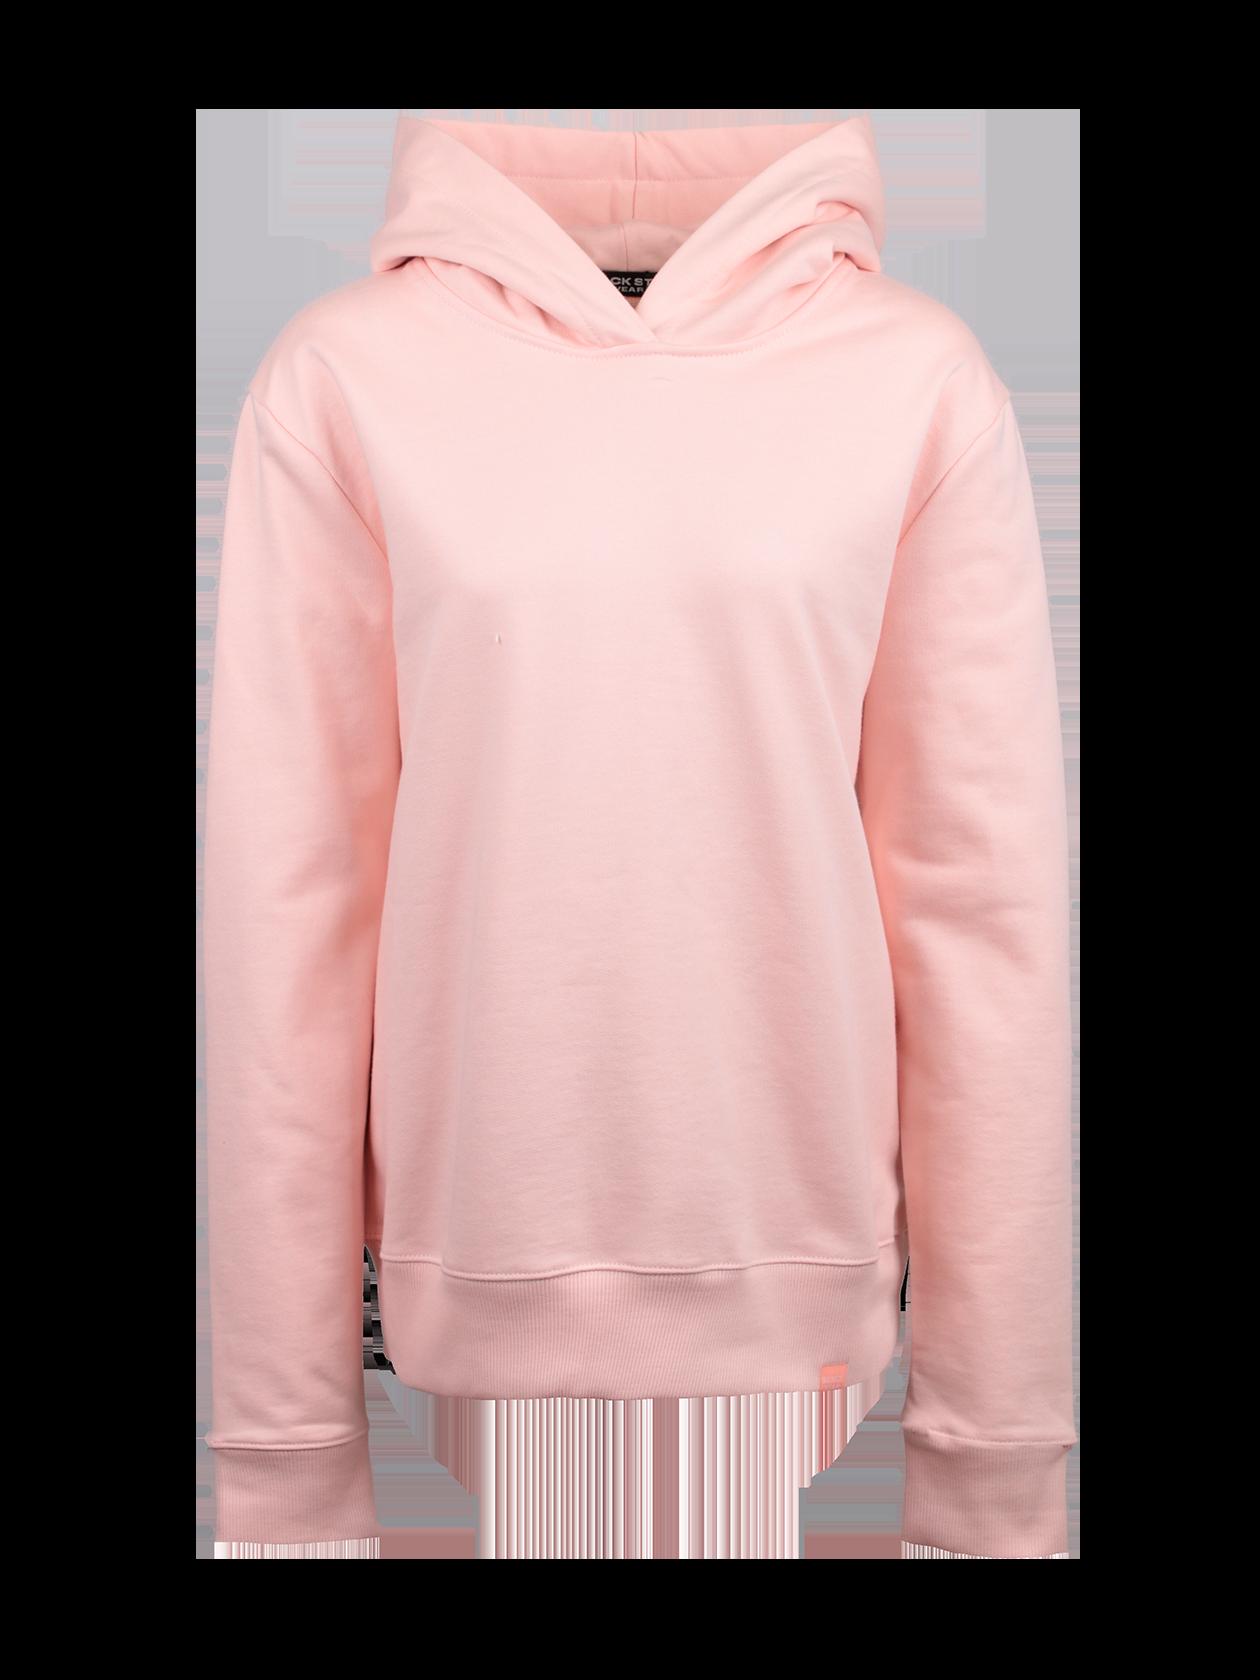 Худи женская NUDEХуди унисекс Nude приятной бледно-розовой расцветки станет неотъемлемой частью любого гардероба. Модель спортивного стиля с объемным капюшоном. Низ и манжеты вещи оформлены широким гофрированным трикотажем в тон к изделию. Внутри по горловине спинки оформлен жаккардовый лейбл Black Star Wear. Фасон прямой, свободный, слегка удлиненный. Худи сшита из плотного футера, приятного к телу, отличается высокой износоустойчивостью и практичностью. Подходит для спорта, отдыха, прогулок.<br><br>Размер: M<br>Цвет: Розовый<br>Пол: Женский